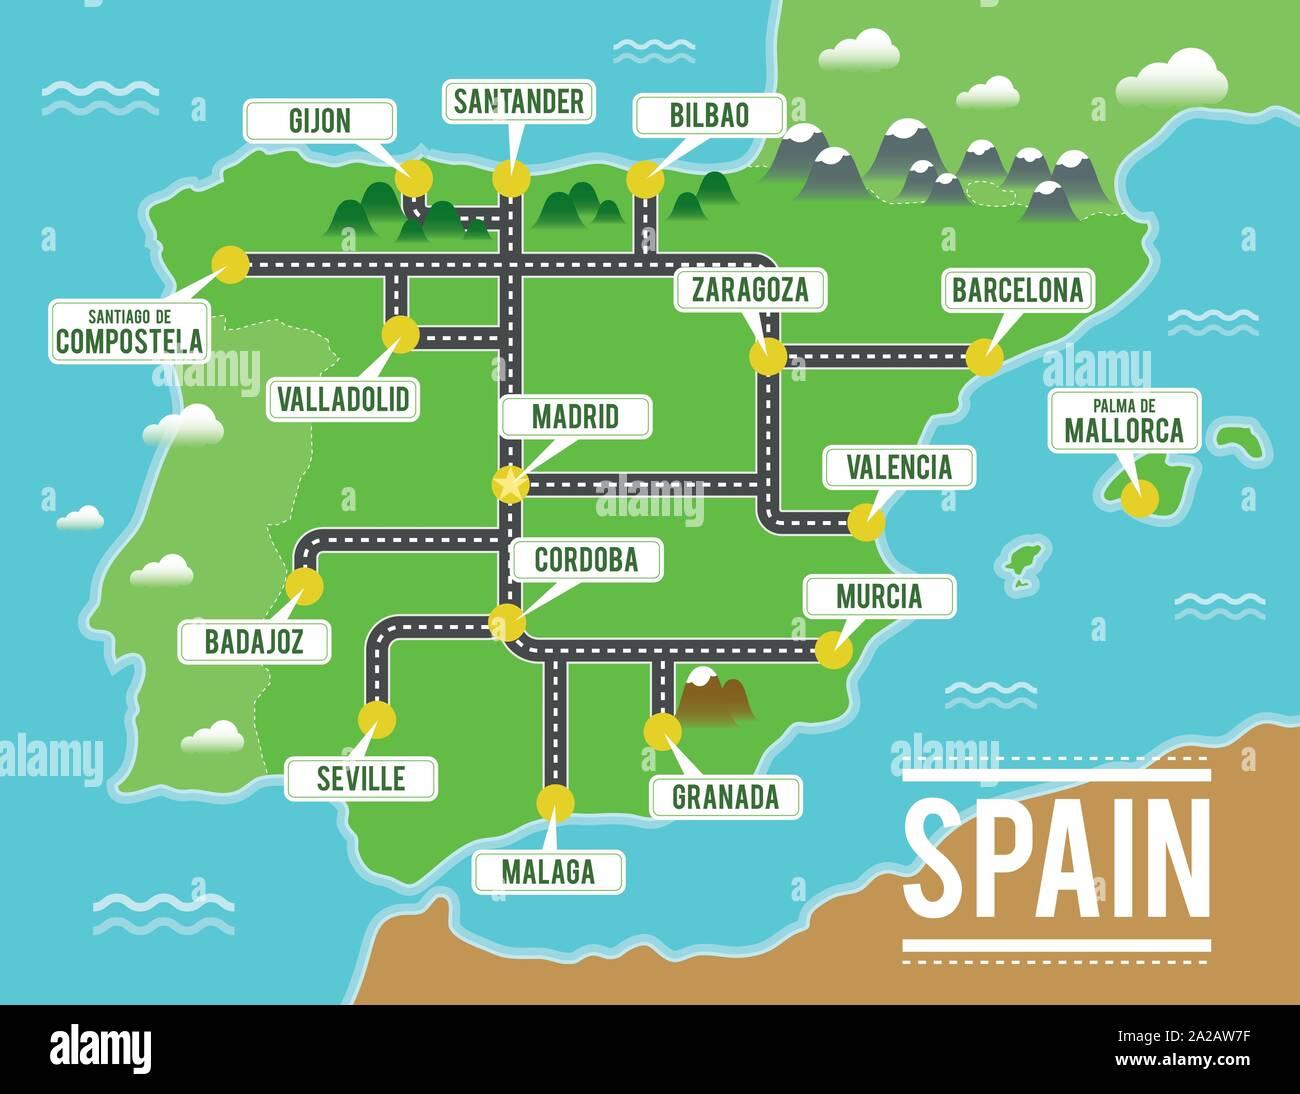 Cartoon Mapa Vectorial De Espana Ilustracion De Viaje Con Las